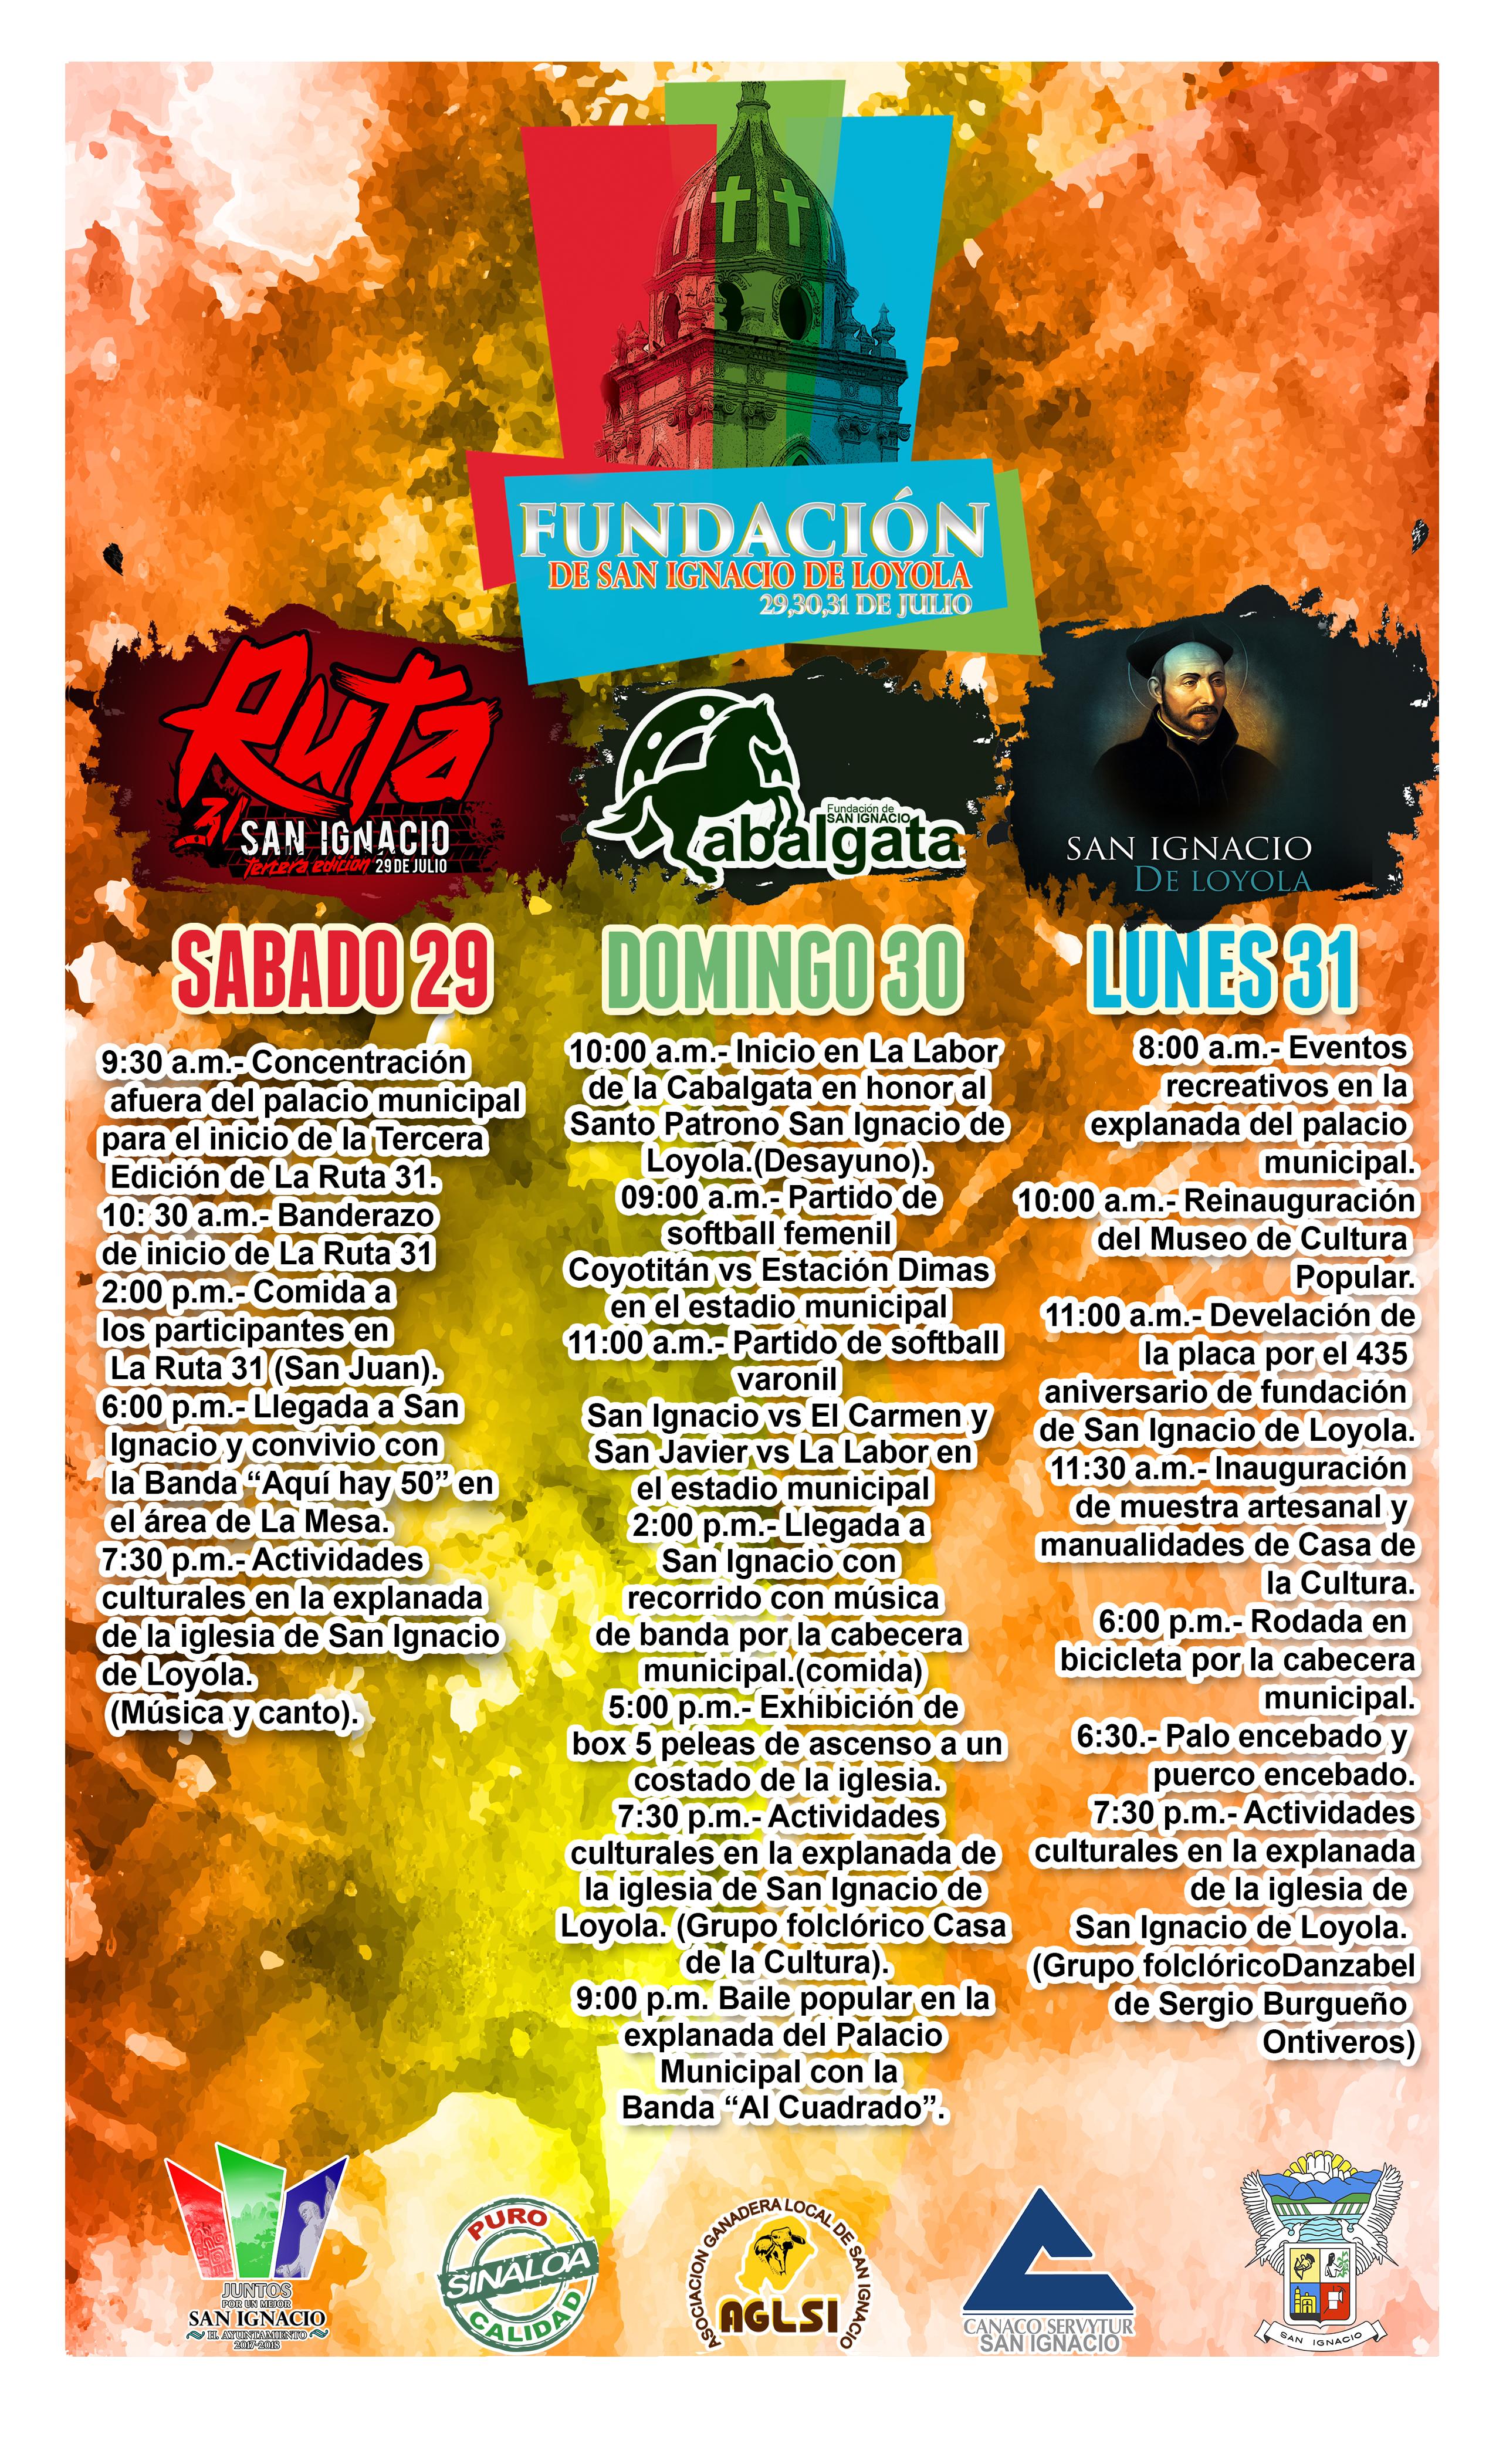 435 aniversario de fundación de San Ignacio